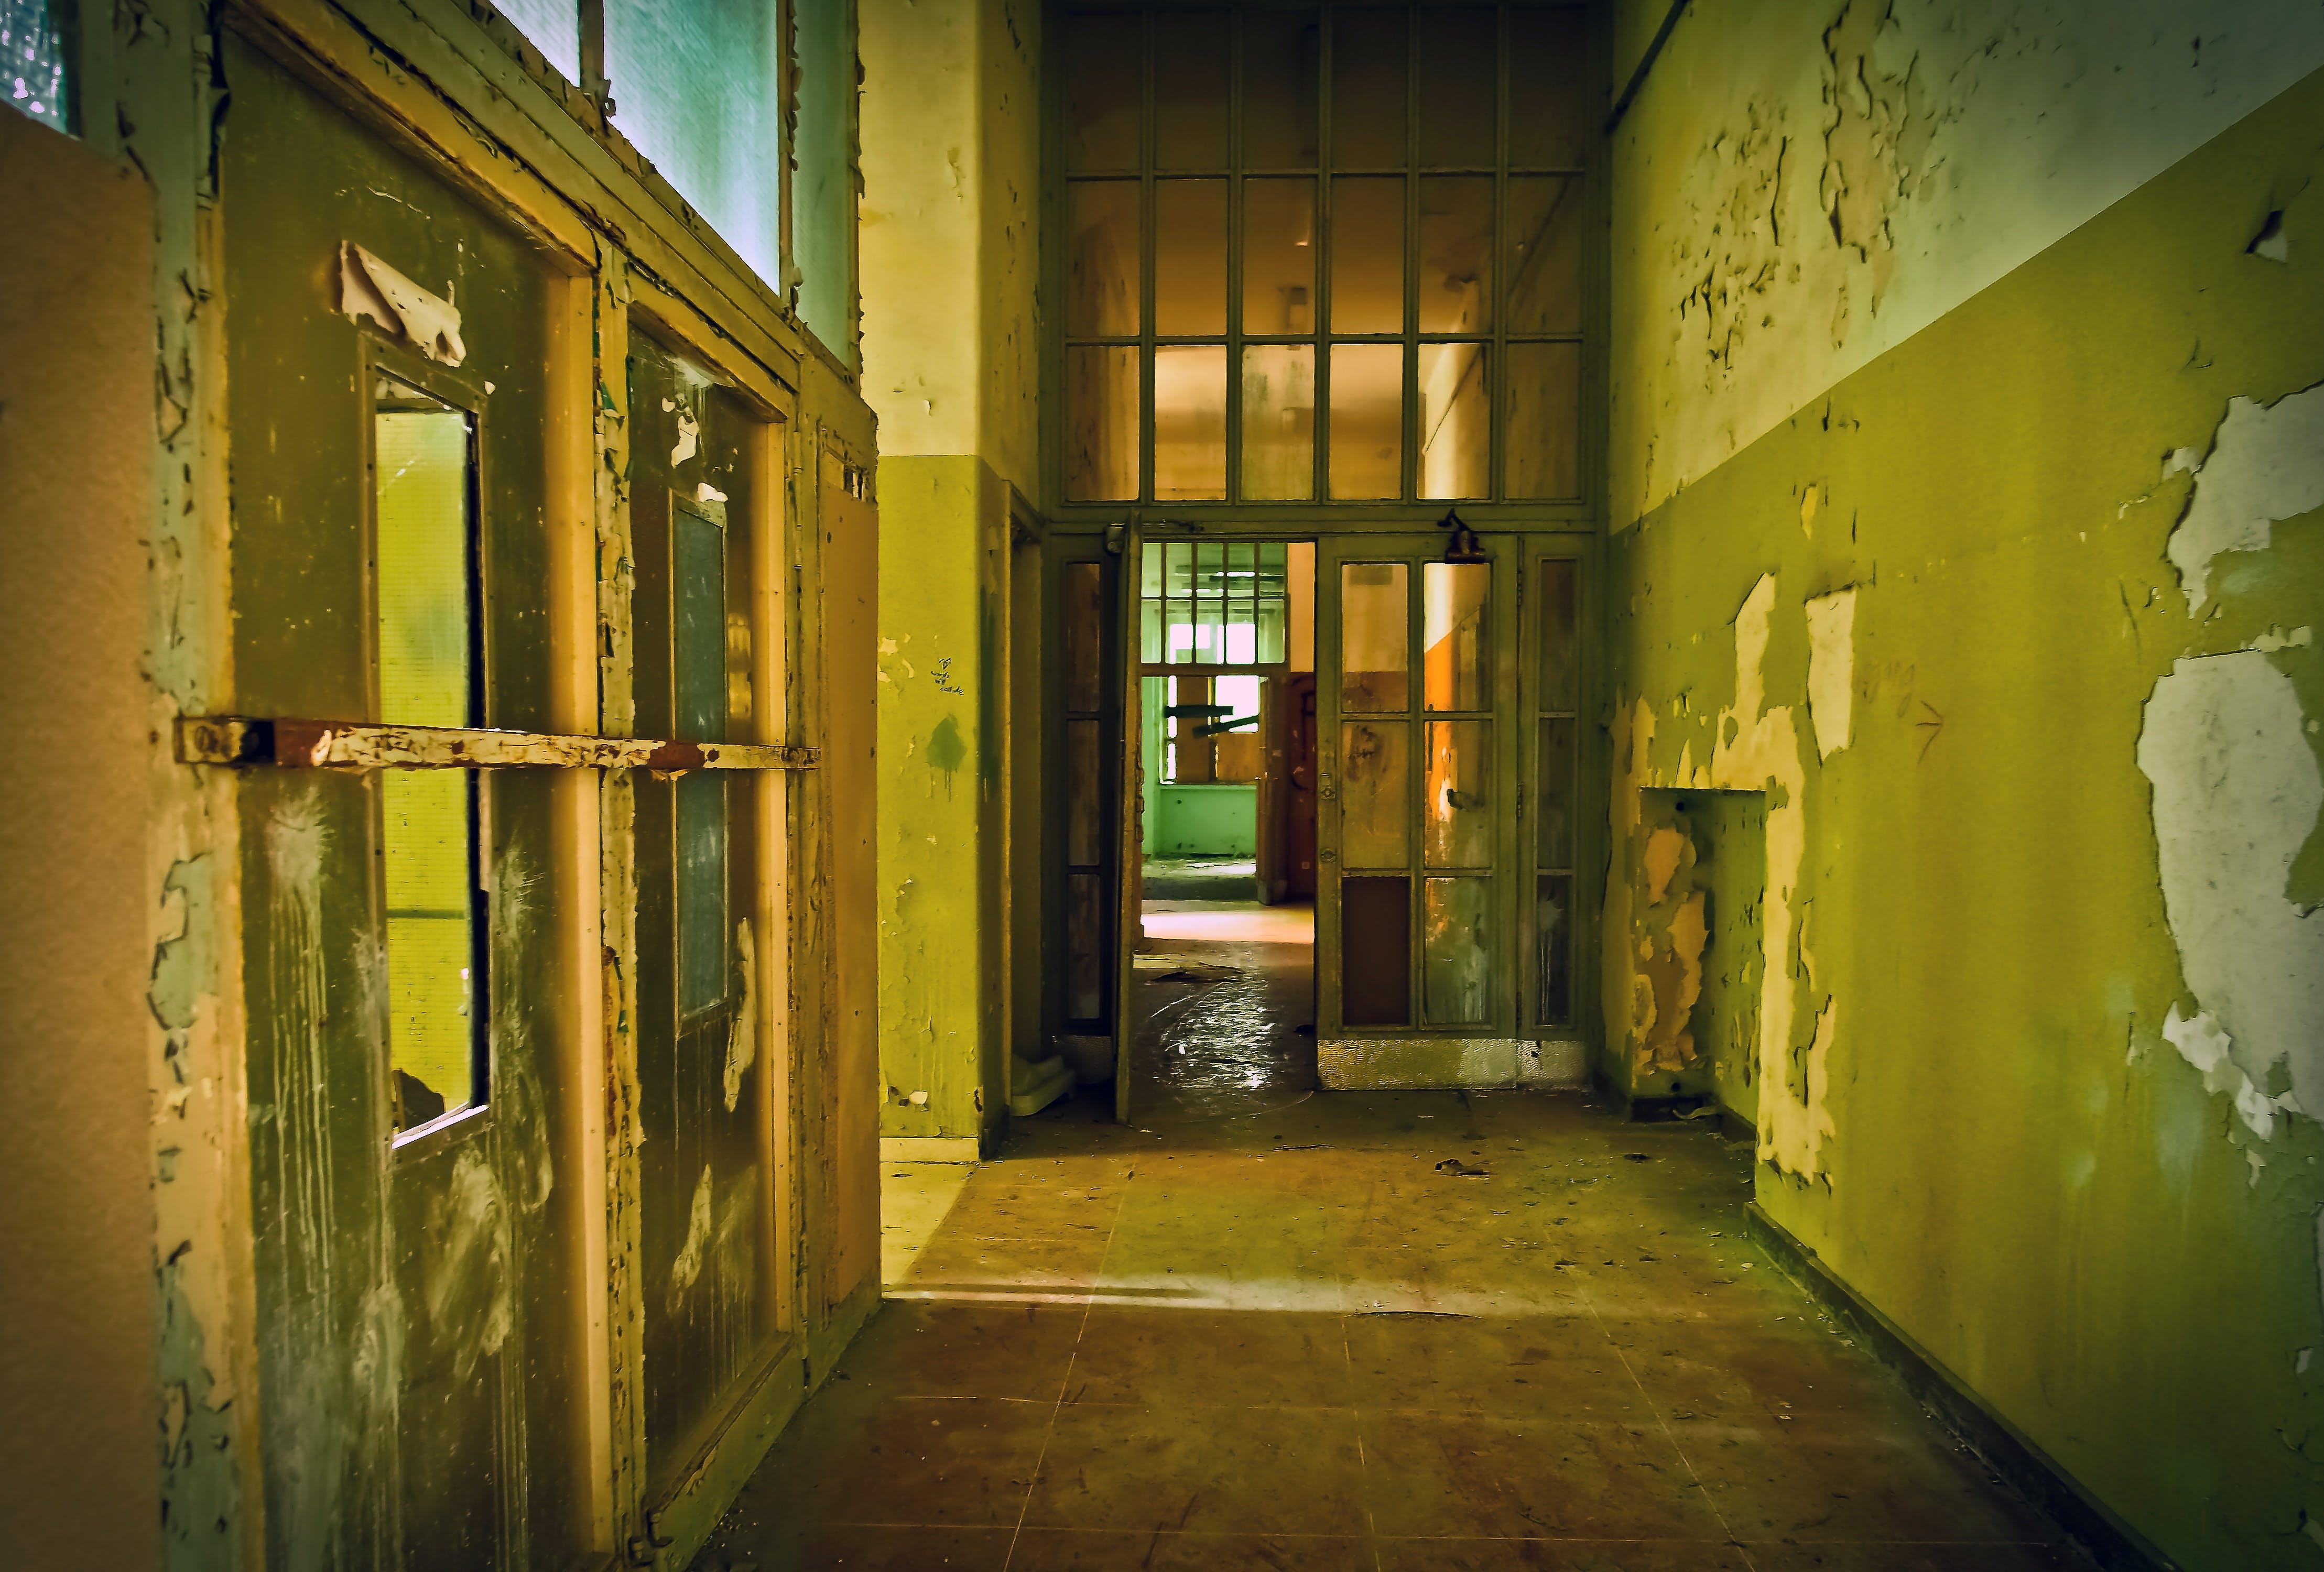 abandoned, broken, building